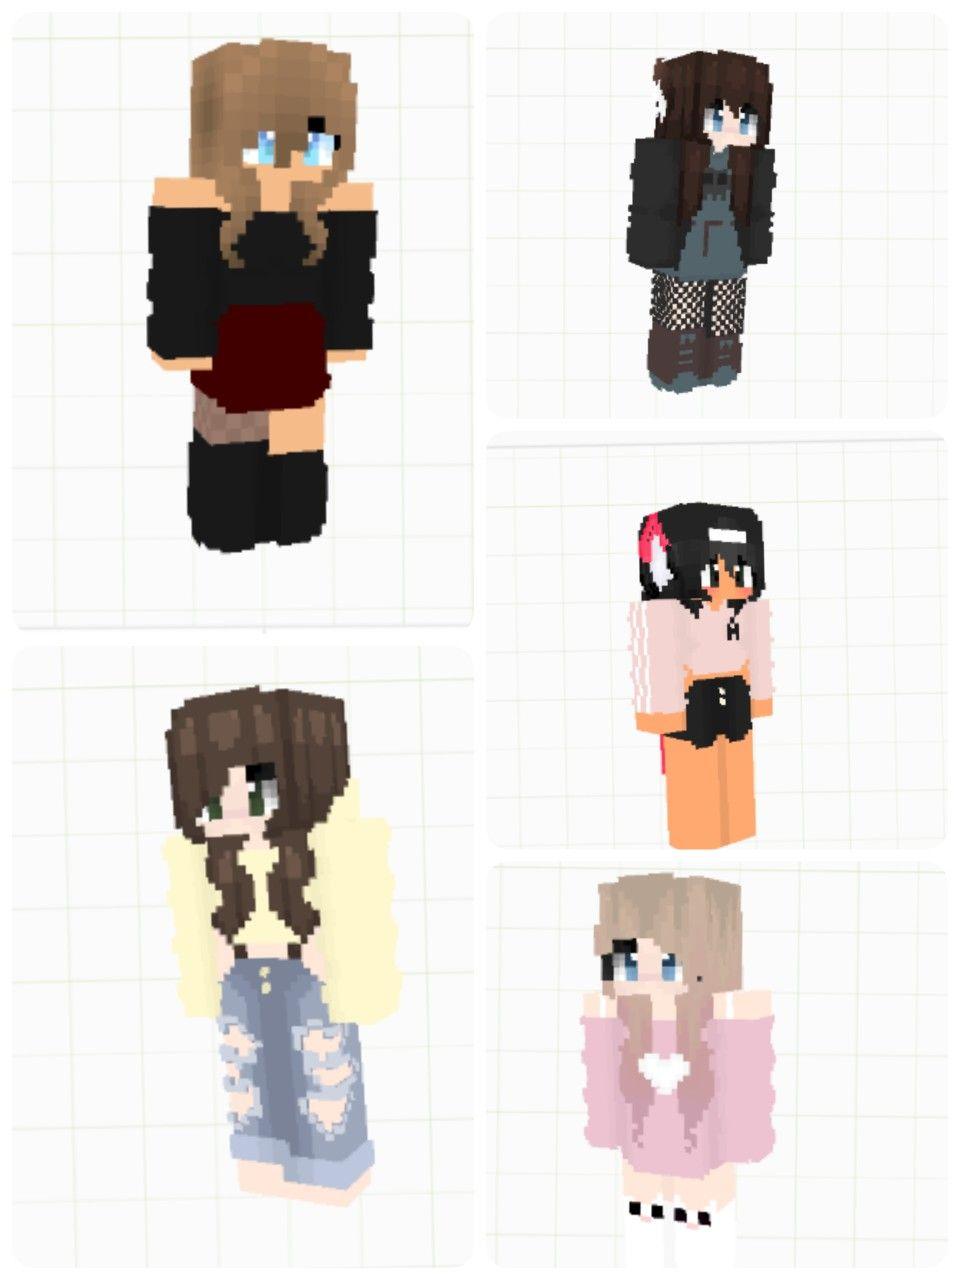 Custom minecraft skins  Minecraft skins, Minecraft skin, Minecraft